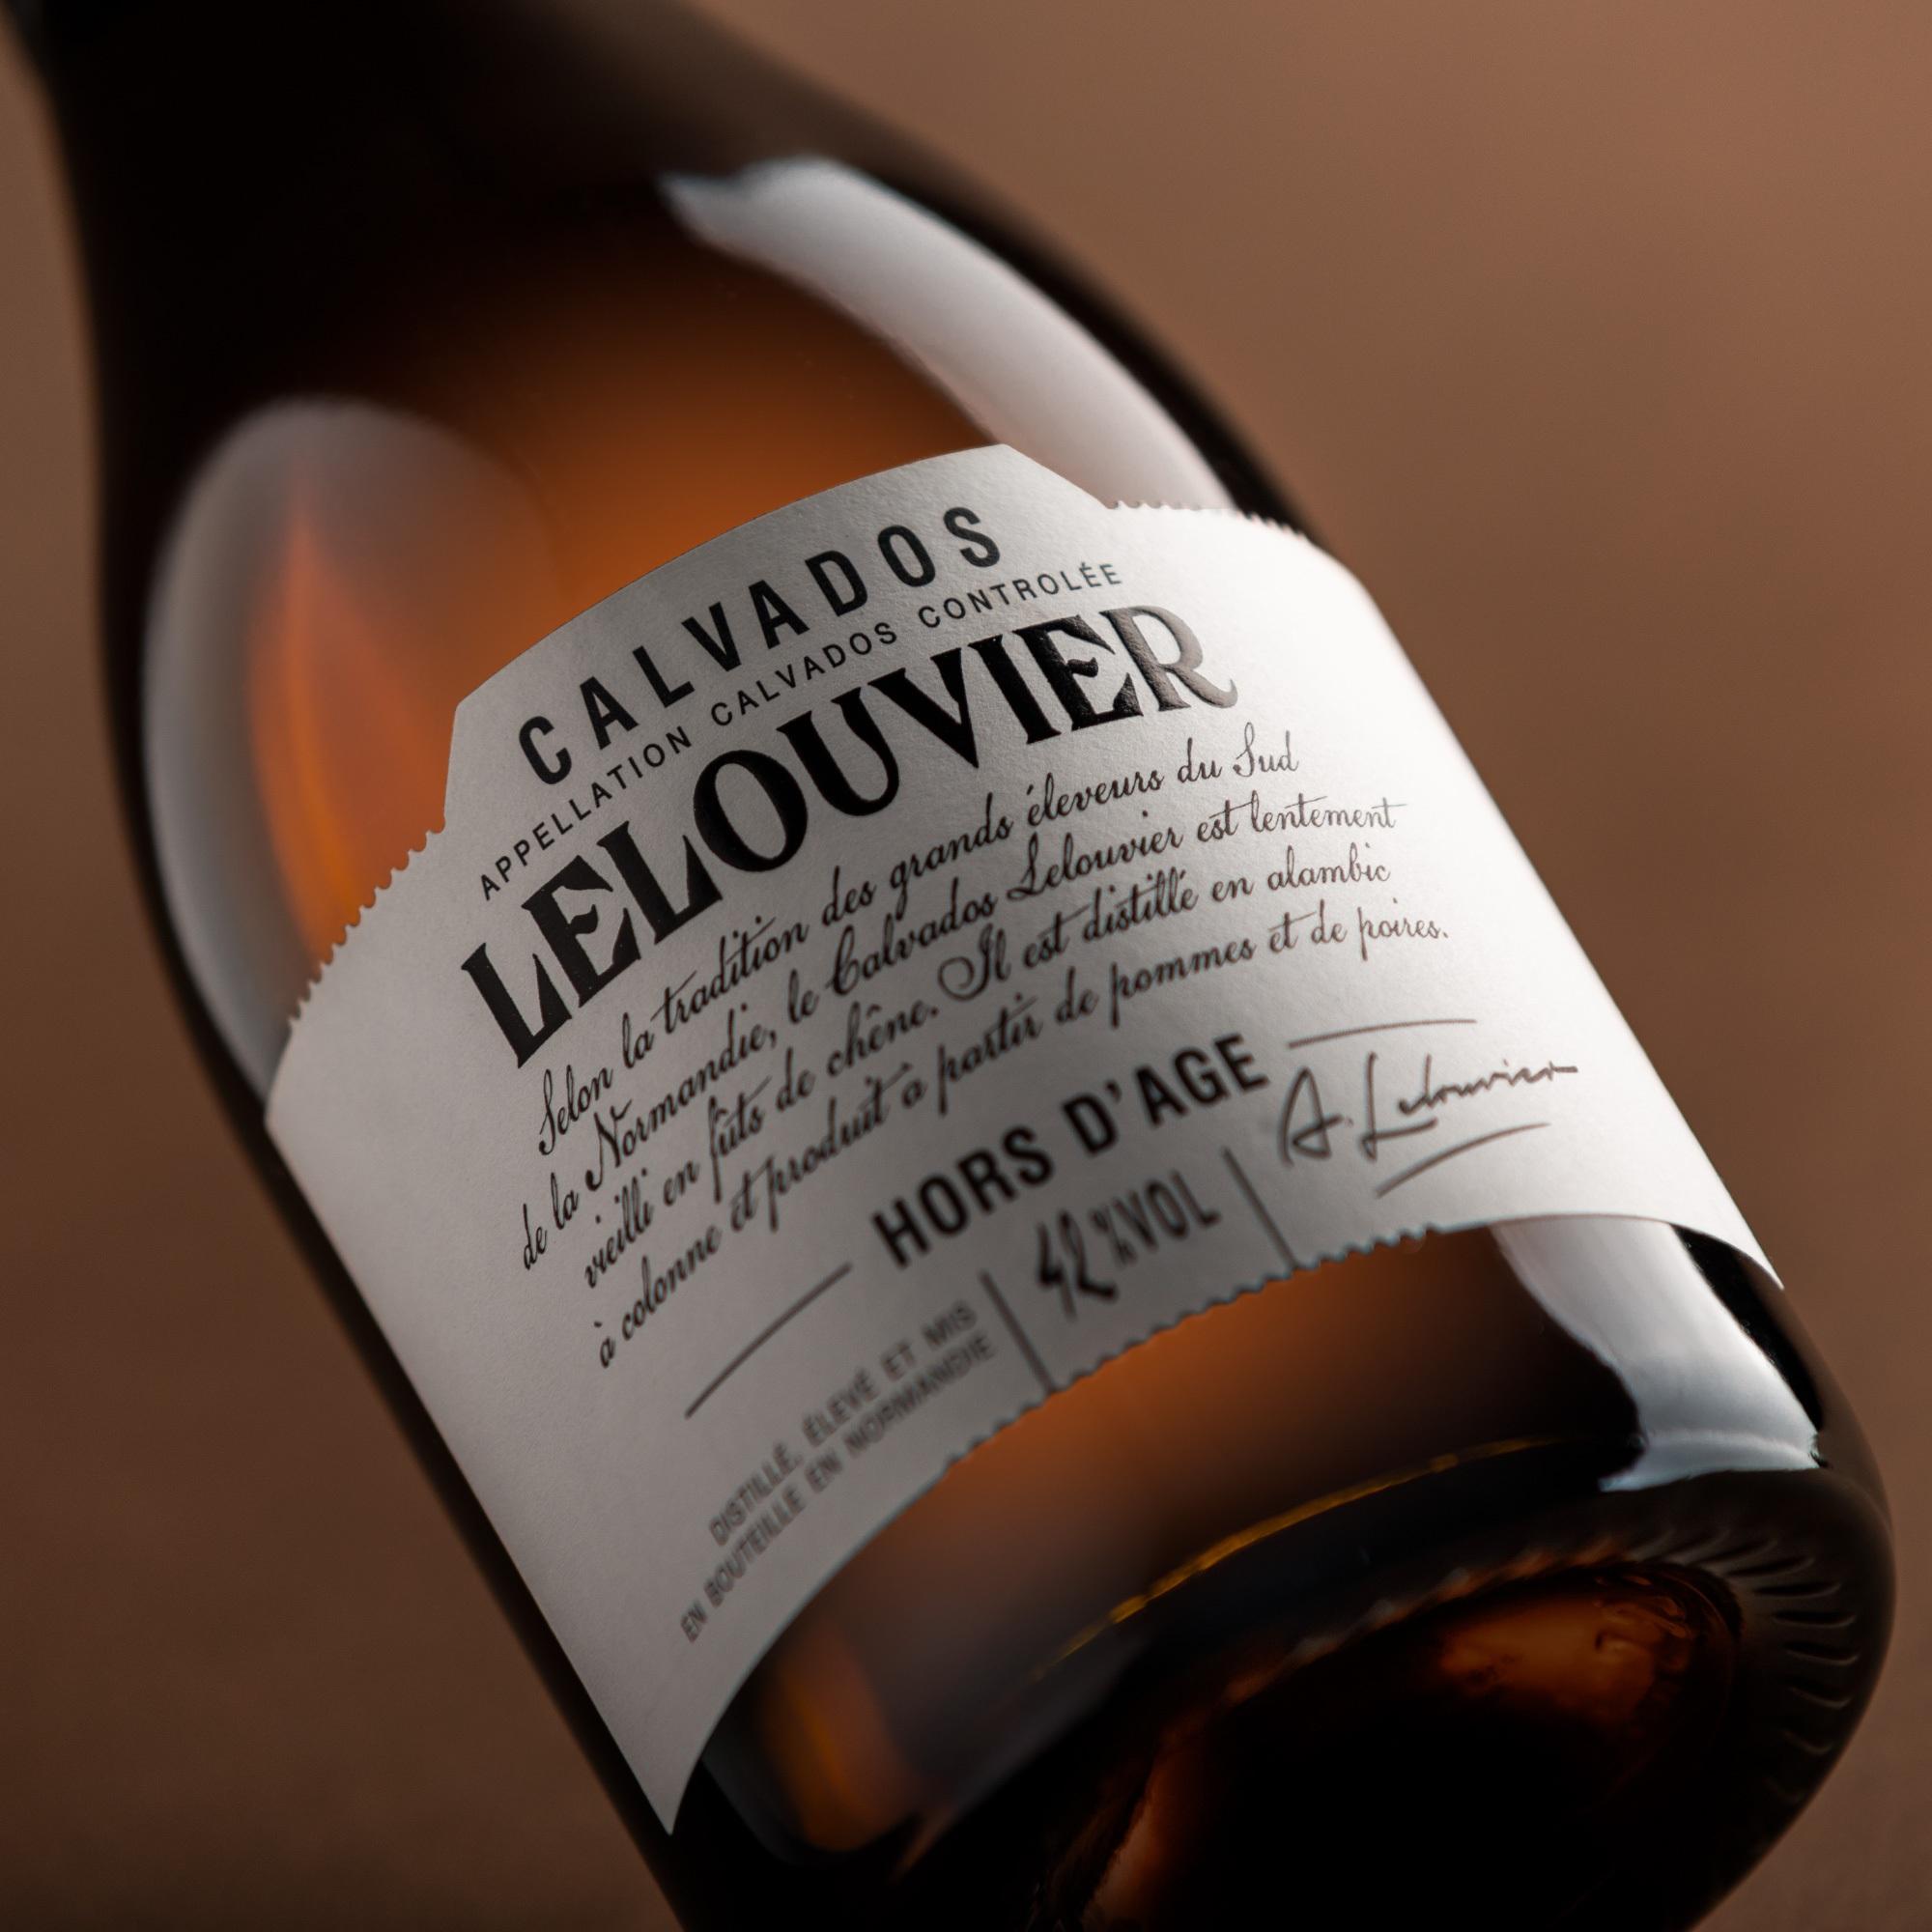 Lelouvier